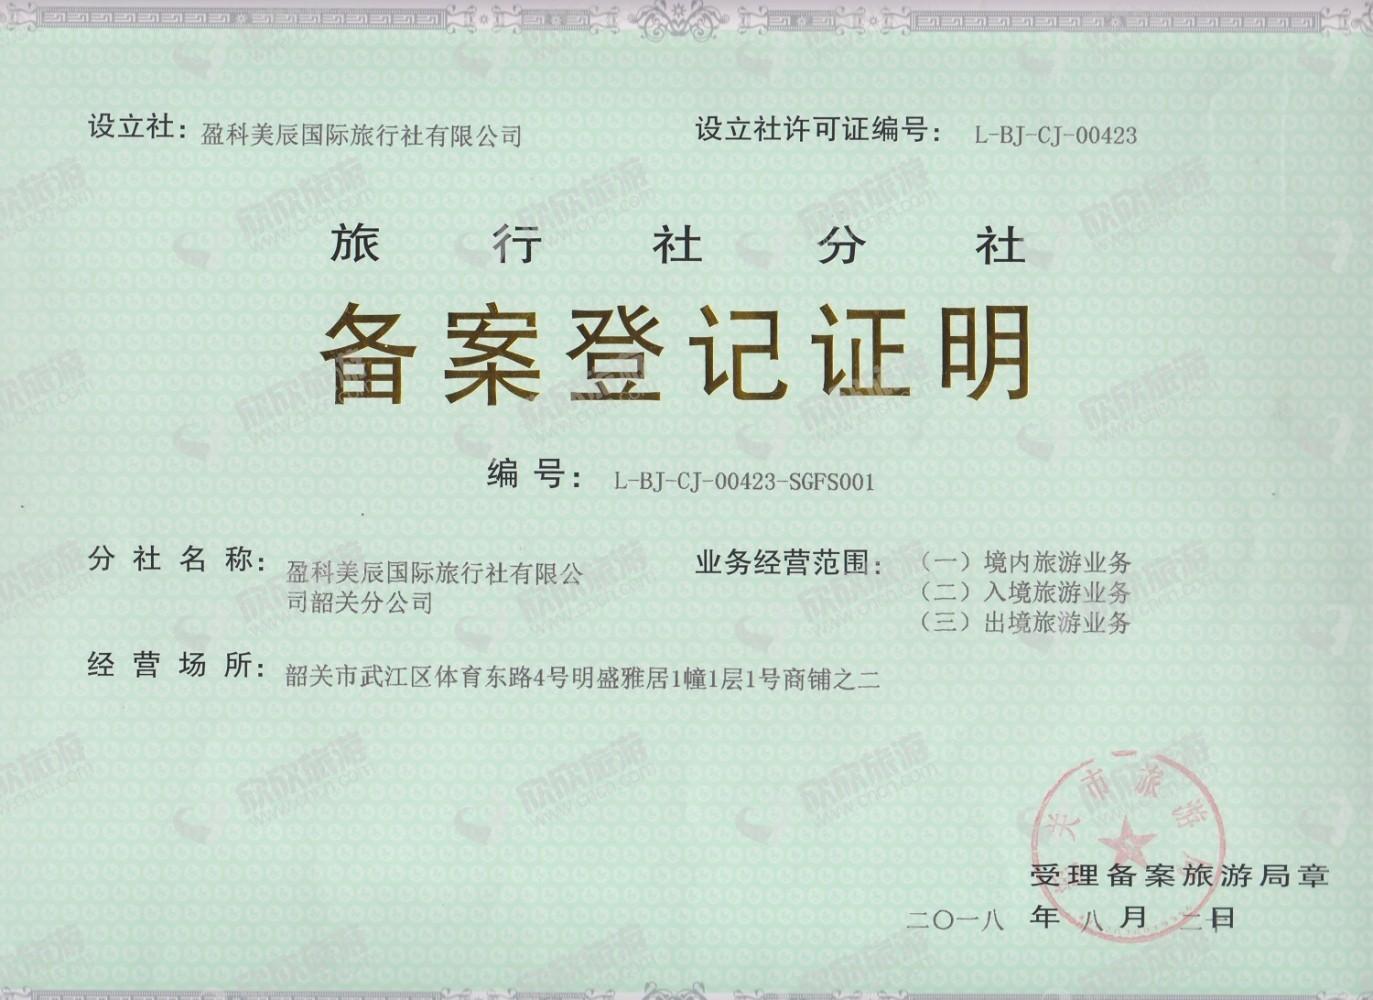 盈科美辰国际旅行社有限公司韶关分公司经营许可证